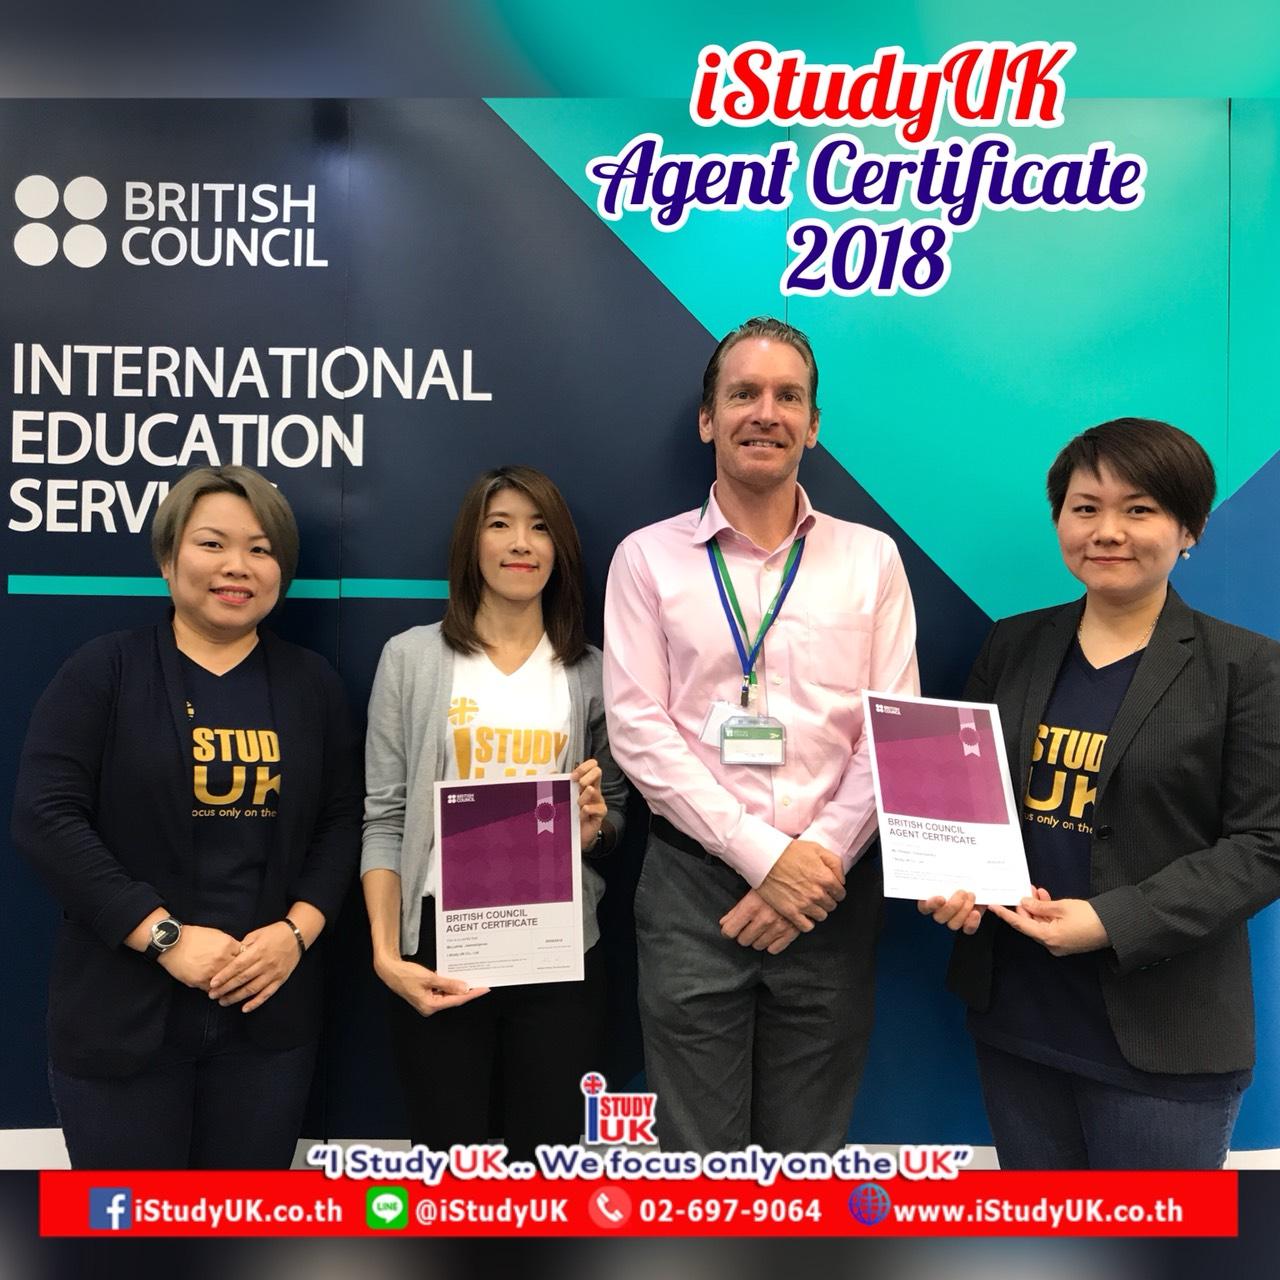 เรียนต่ออังกฤษ ติดต่อเอเยนต์ไหนดี เอเจนซี่เรียนต่อประเทศอังกฤษ I Study UK Education Agency